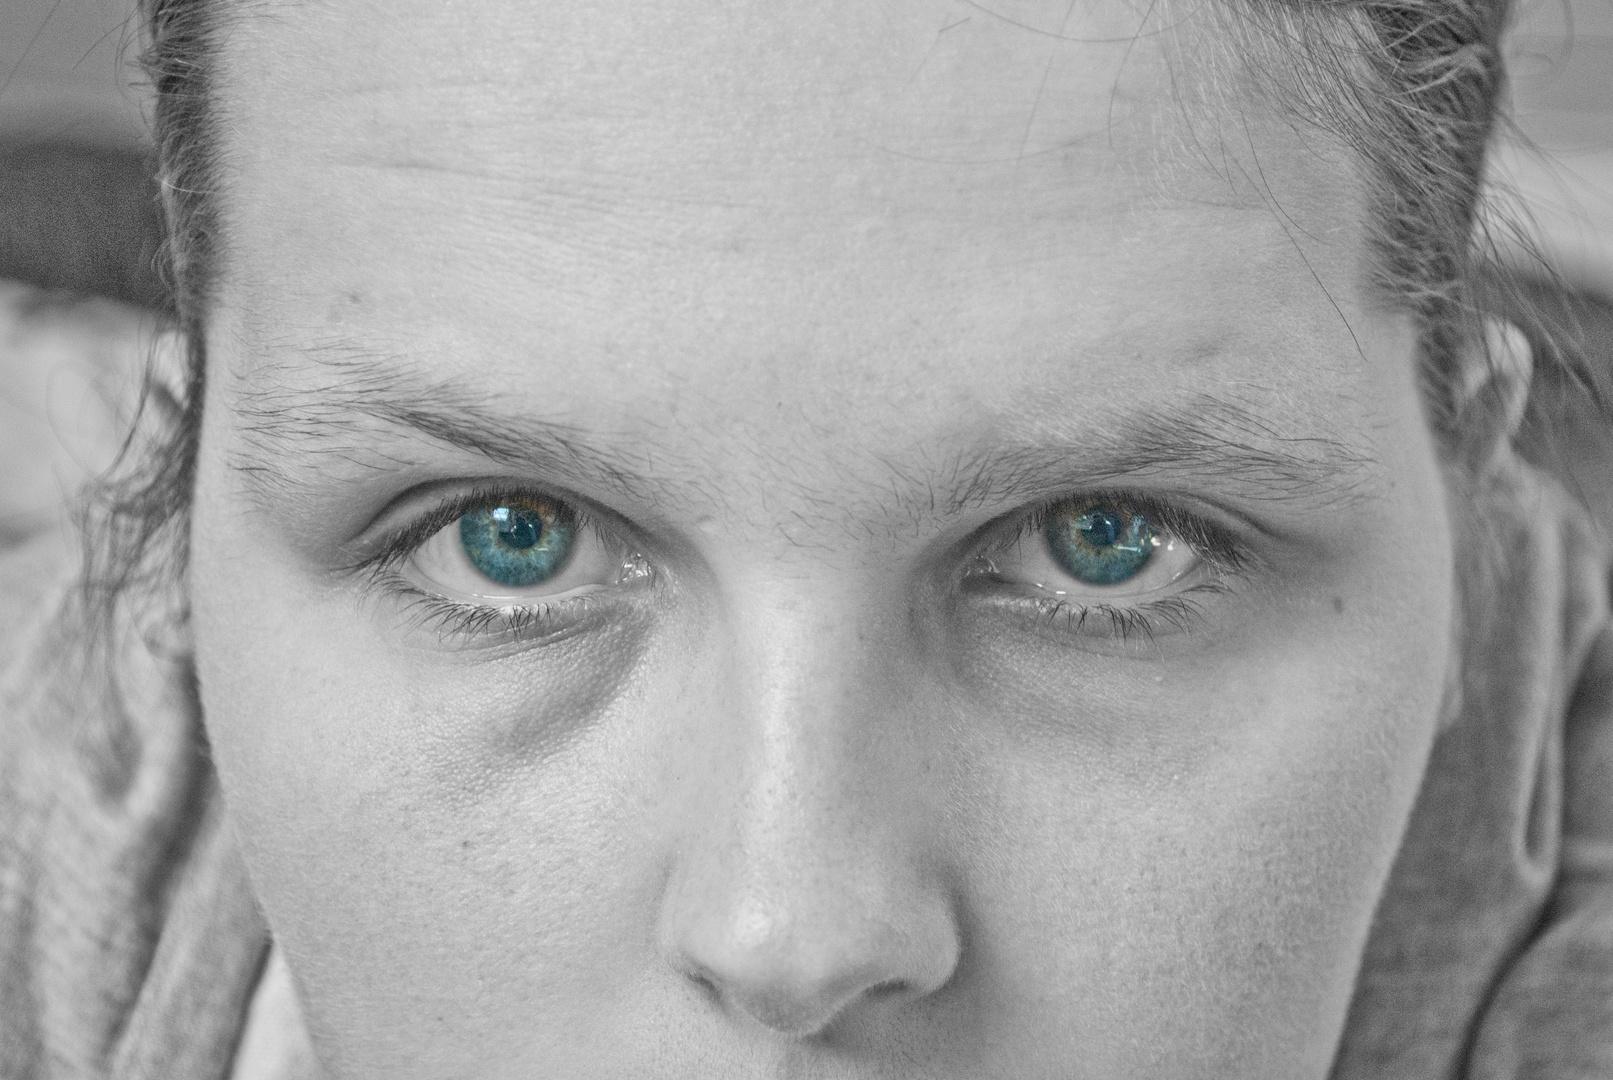 Die Schönsten Augen Der Welt Foto Bild Fotos Von Teilen Des